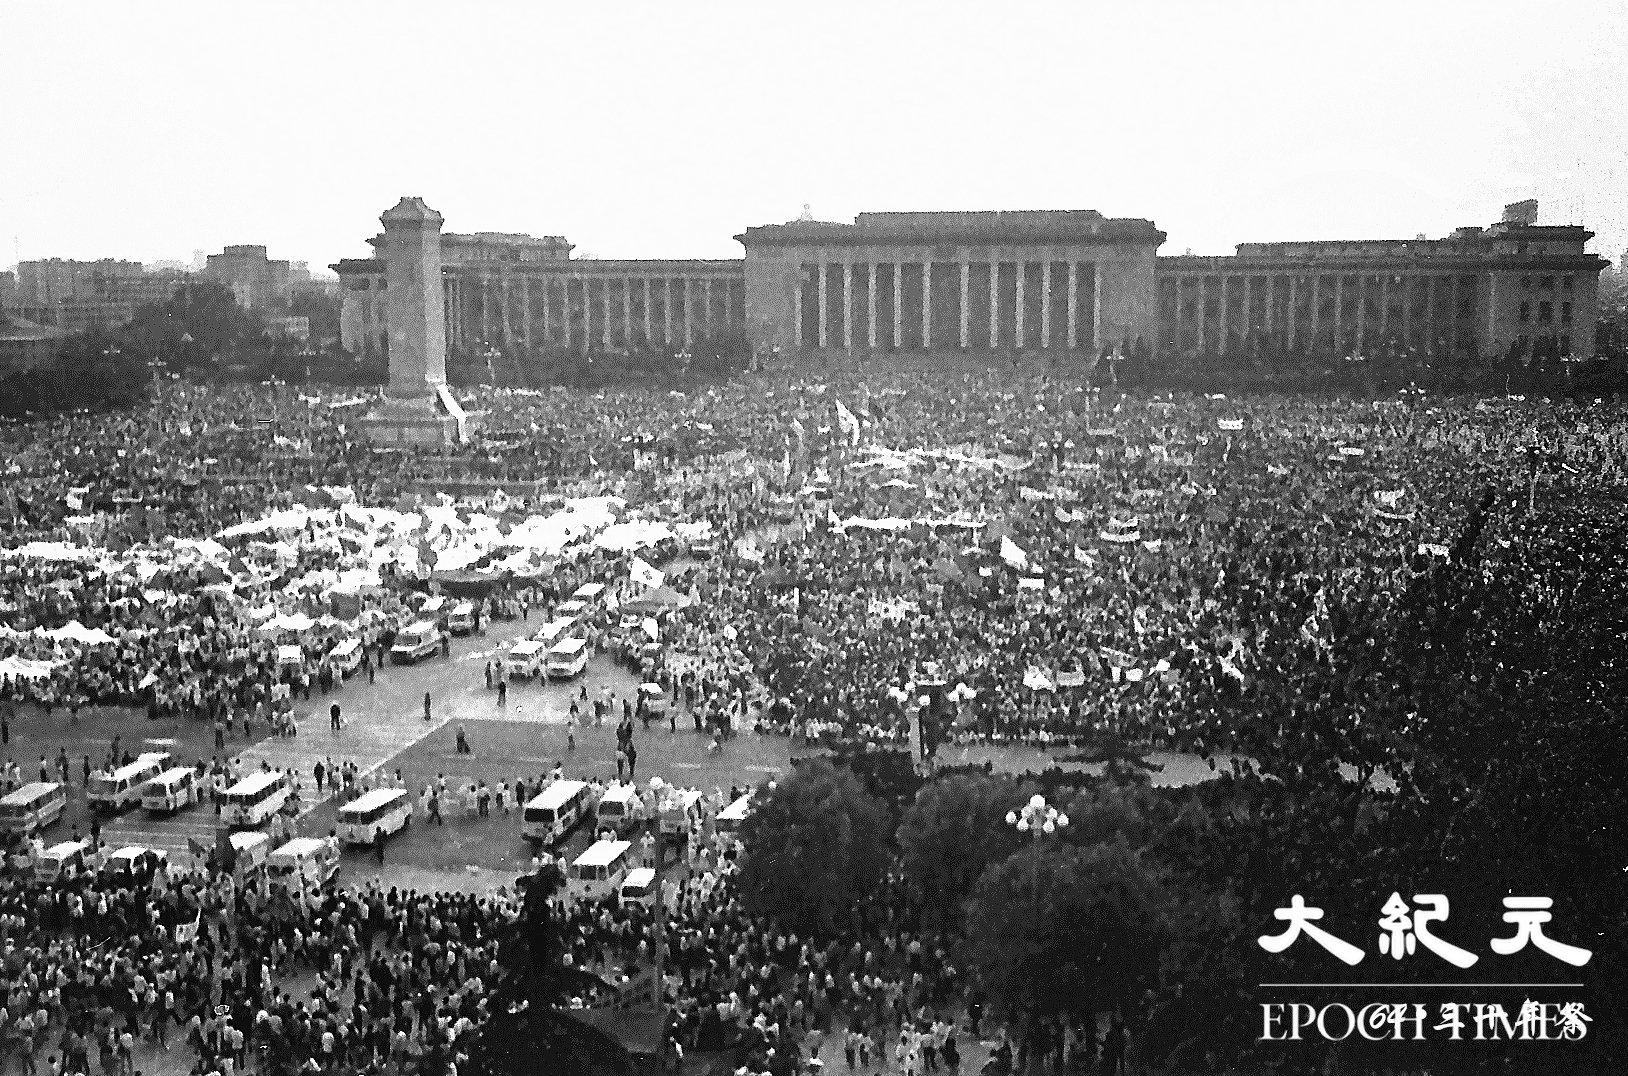 1989年六四期間,北京學生抗議中共打壓,反腐敗要民主,發起絕食,得到廣大民眾的支持。(Jian Liu提供)